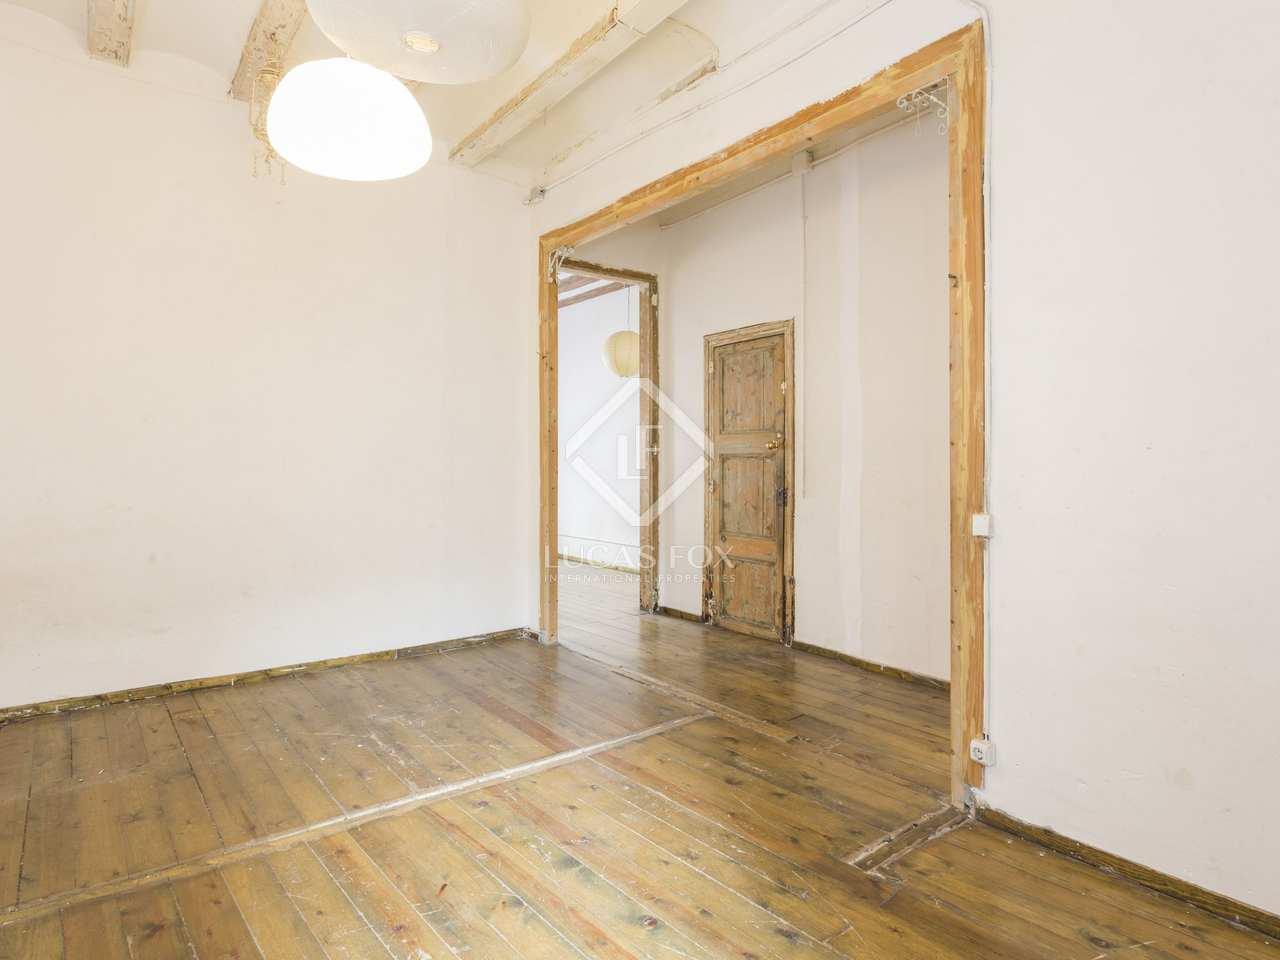 Appartement de 110m a vendre g tico barcelone - Appartements a vendre a barcelone ...